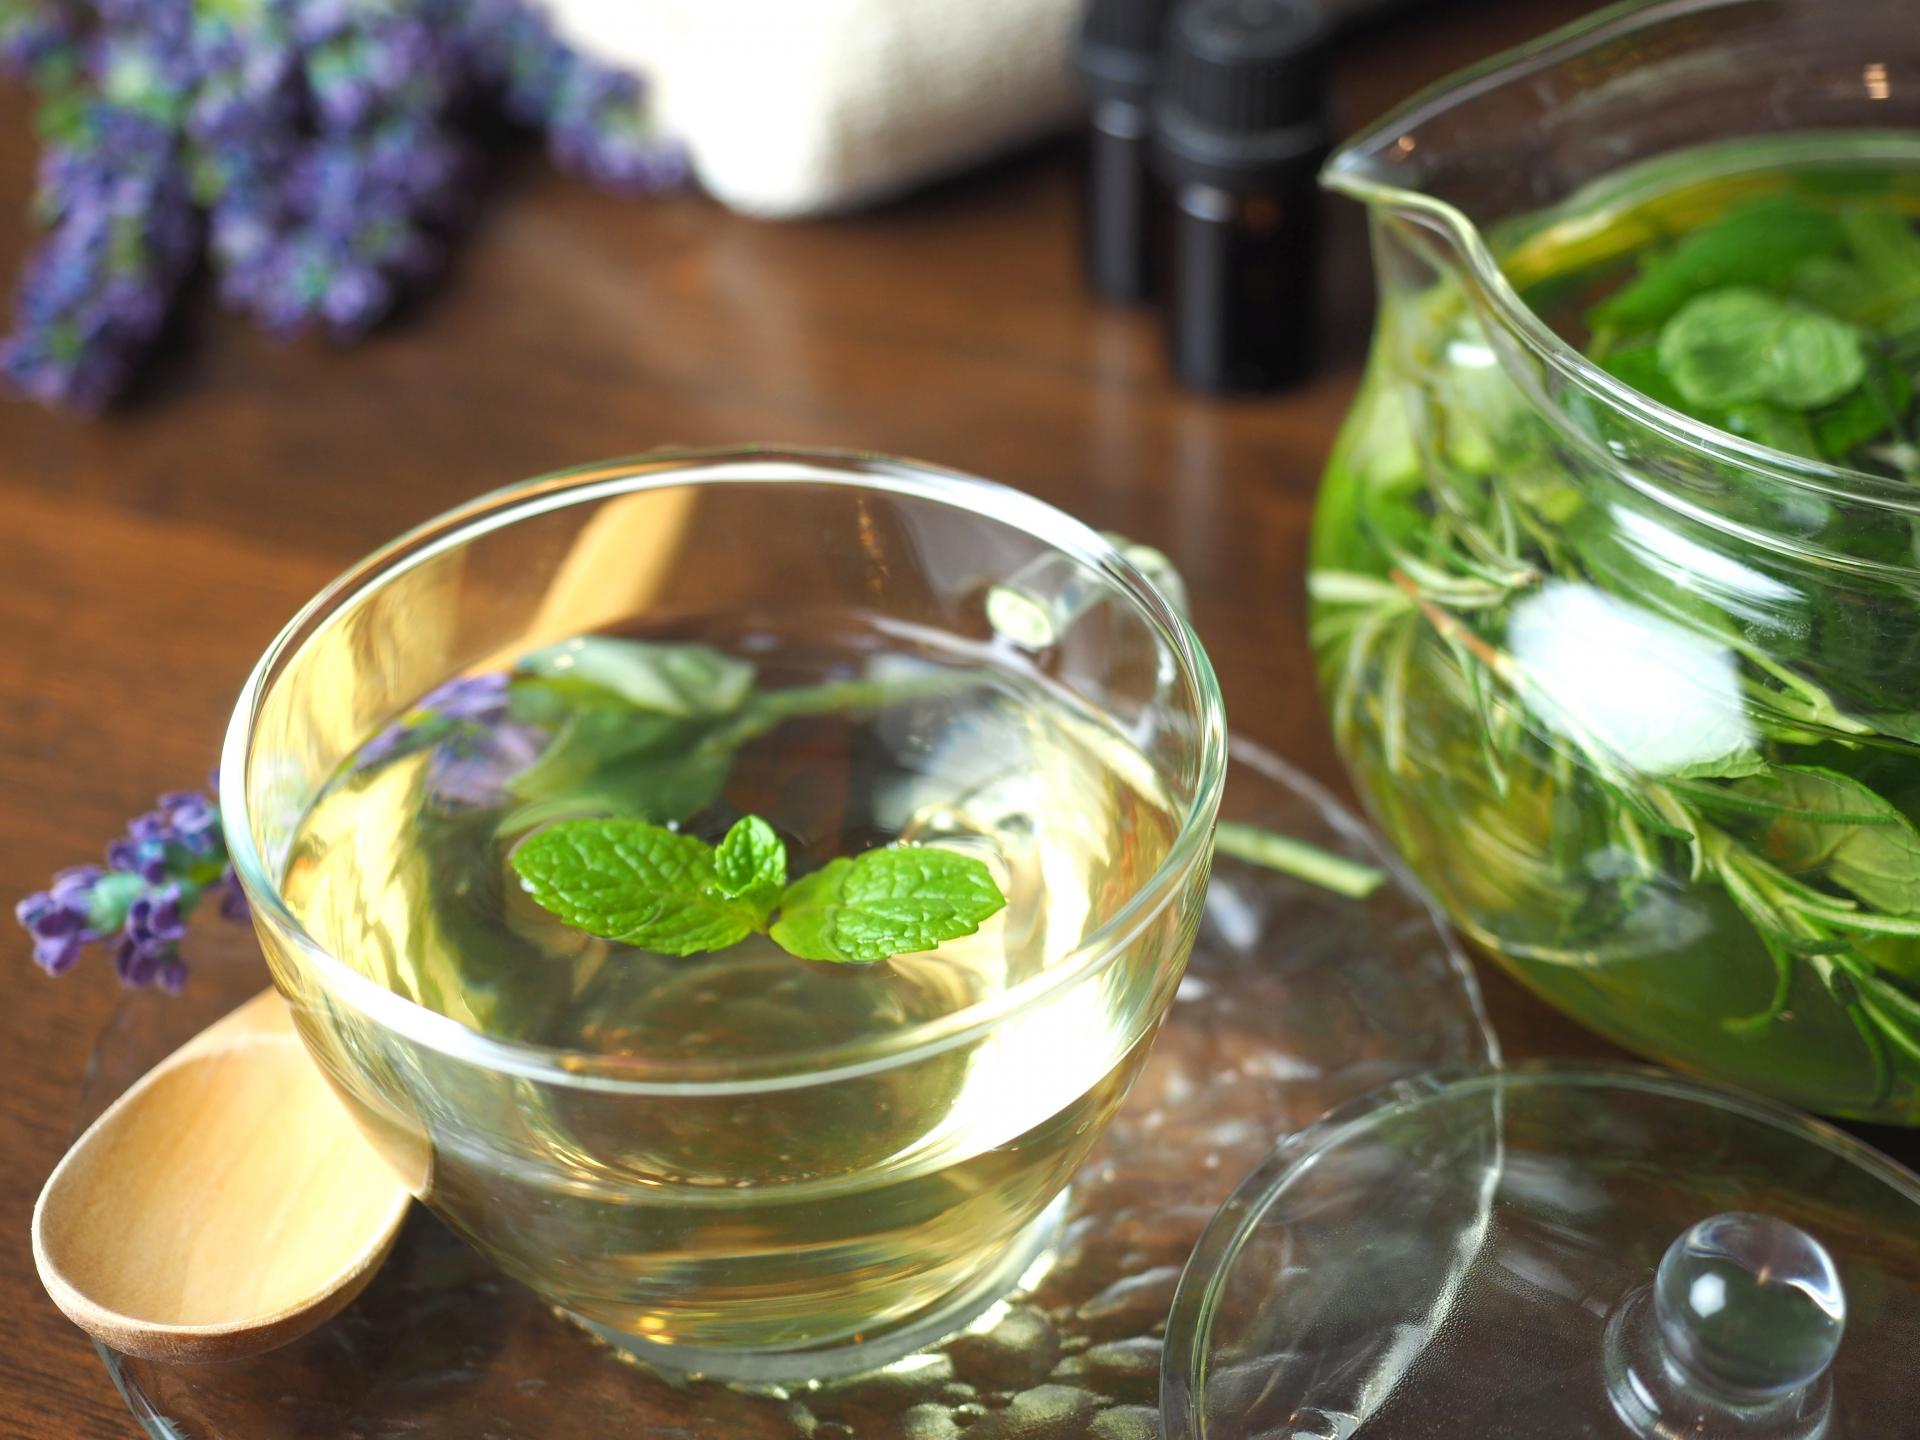 腸セラピー後は、あたたかいお茶とともにアフターアドバイスを行います。